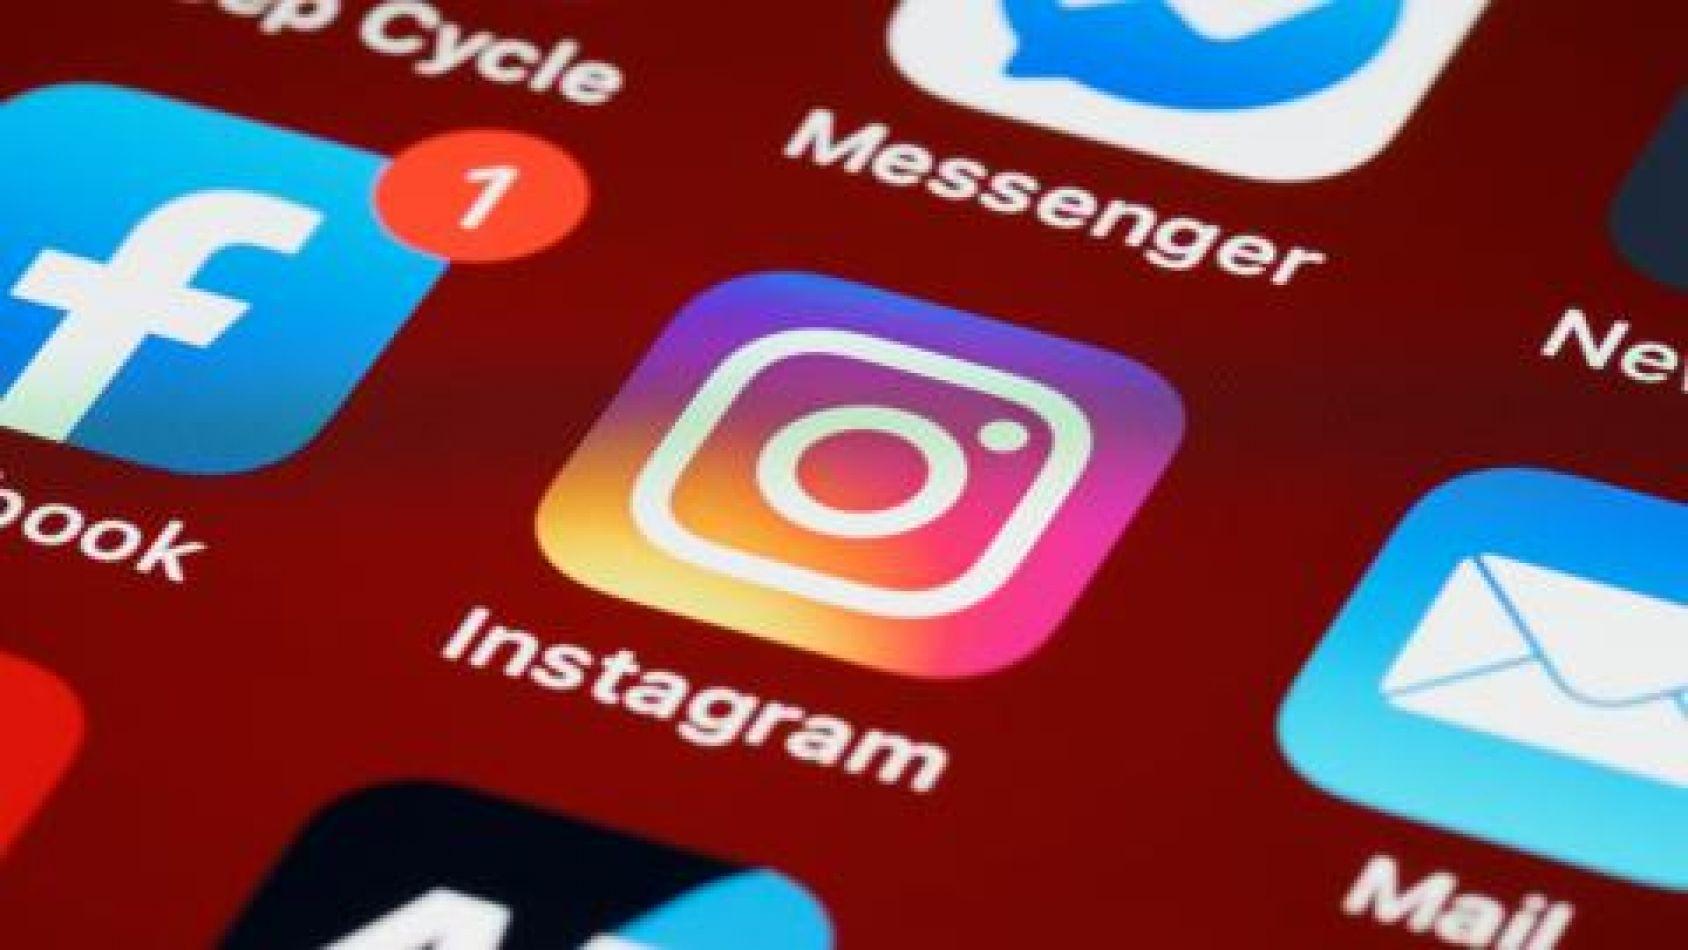 ¿Instagram es tóxico para los adolescentes? La discusión que se da en Estados Unidos